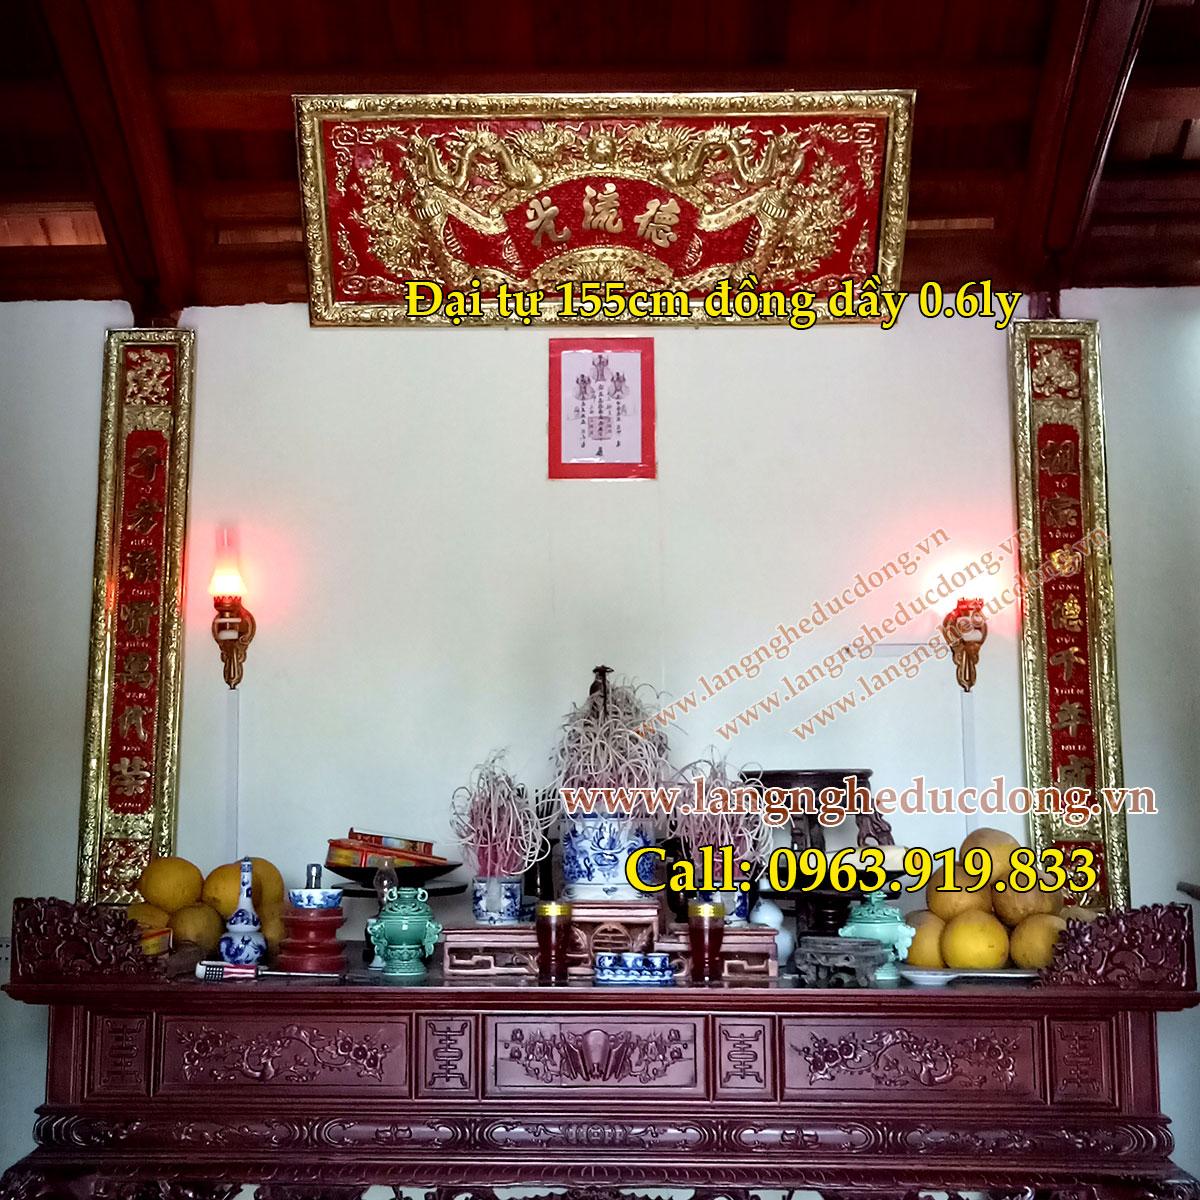 langngheducdong.vn - cuốn thư, câu đối, đại tự, bộ đồ thờ bằng đồng, bán đồ thờ bằng đồng